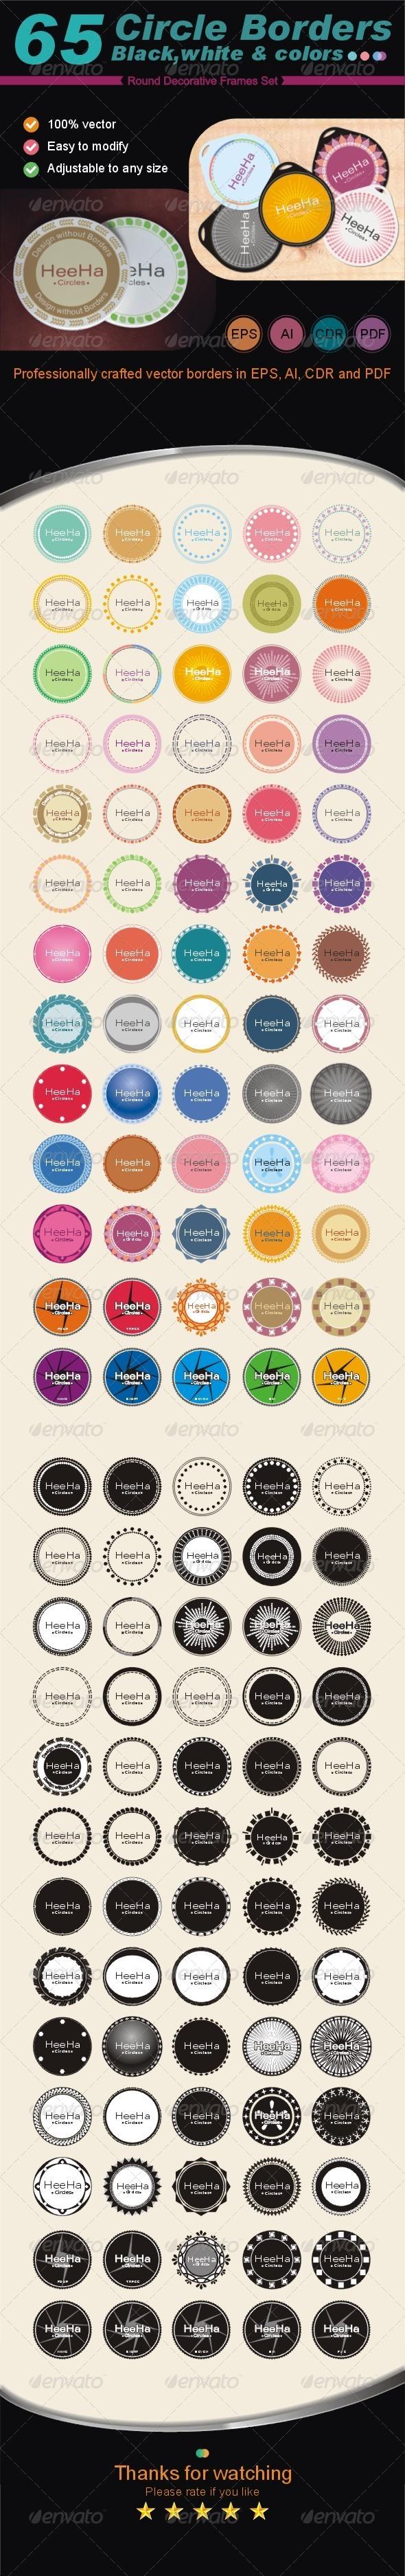 GraphicRiver 65 Circle Borders 6724136